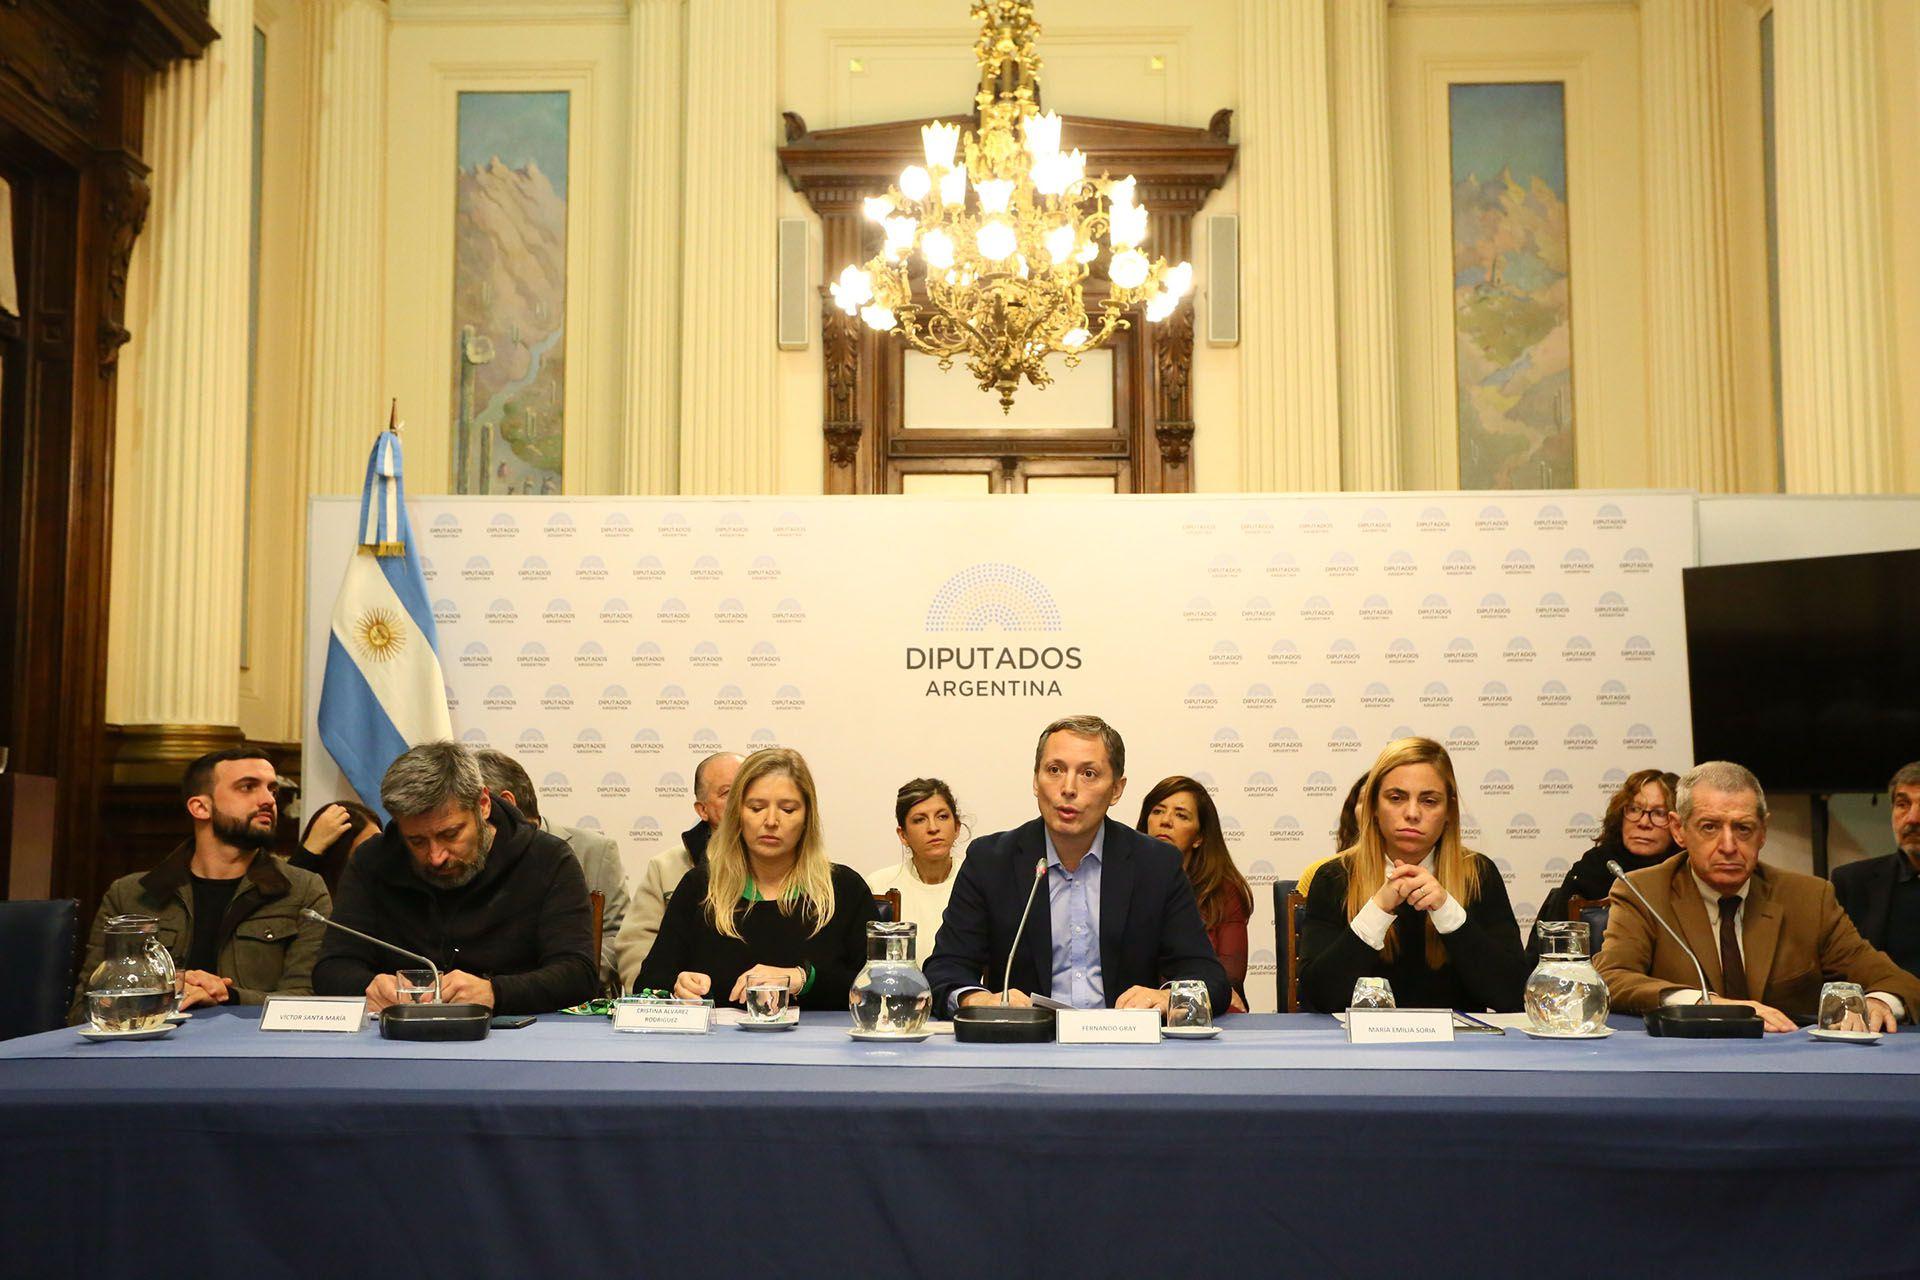 La conferencia de prensa del PJ bonaerense en la Cámara de Diputados.